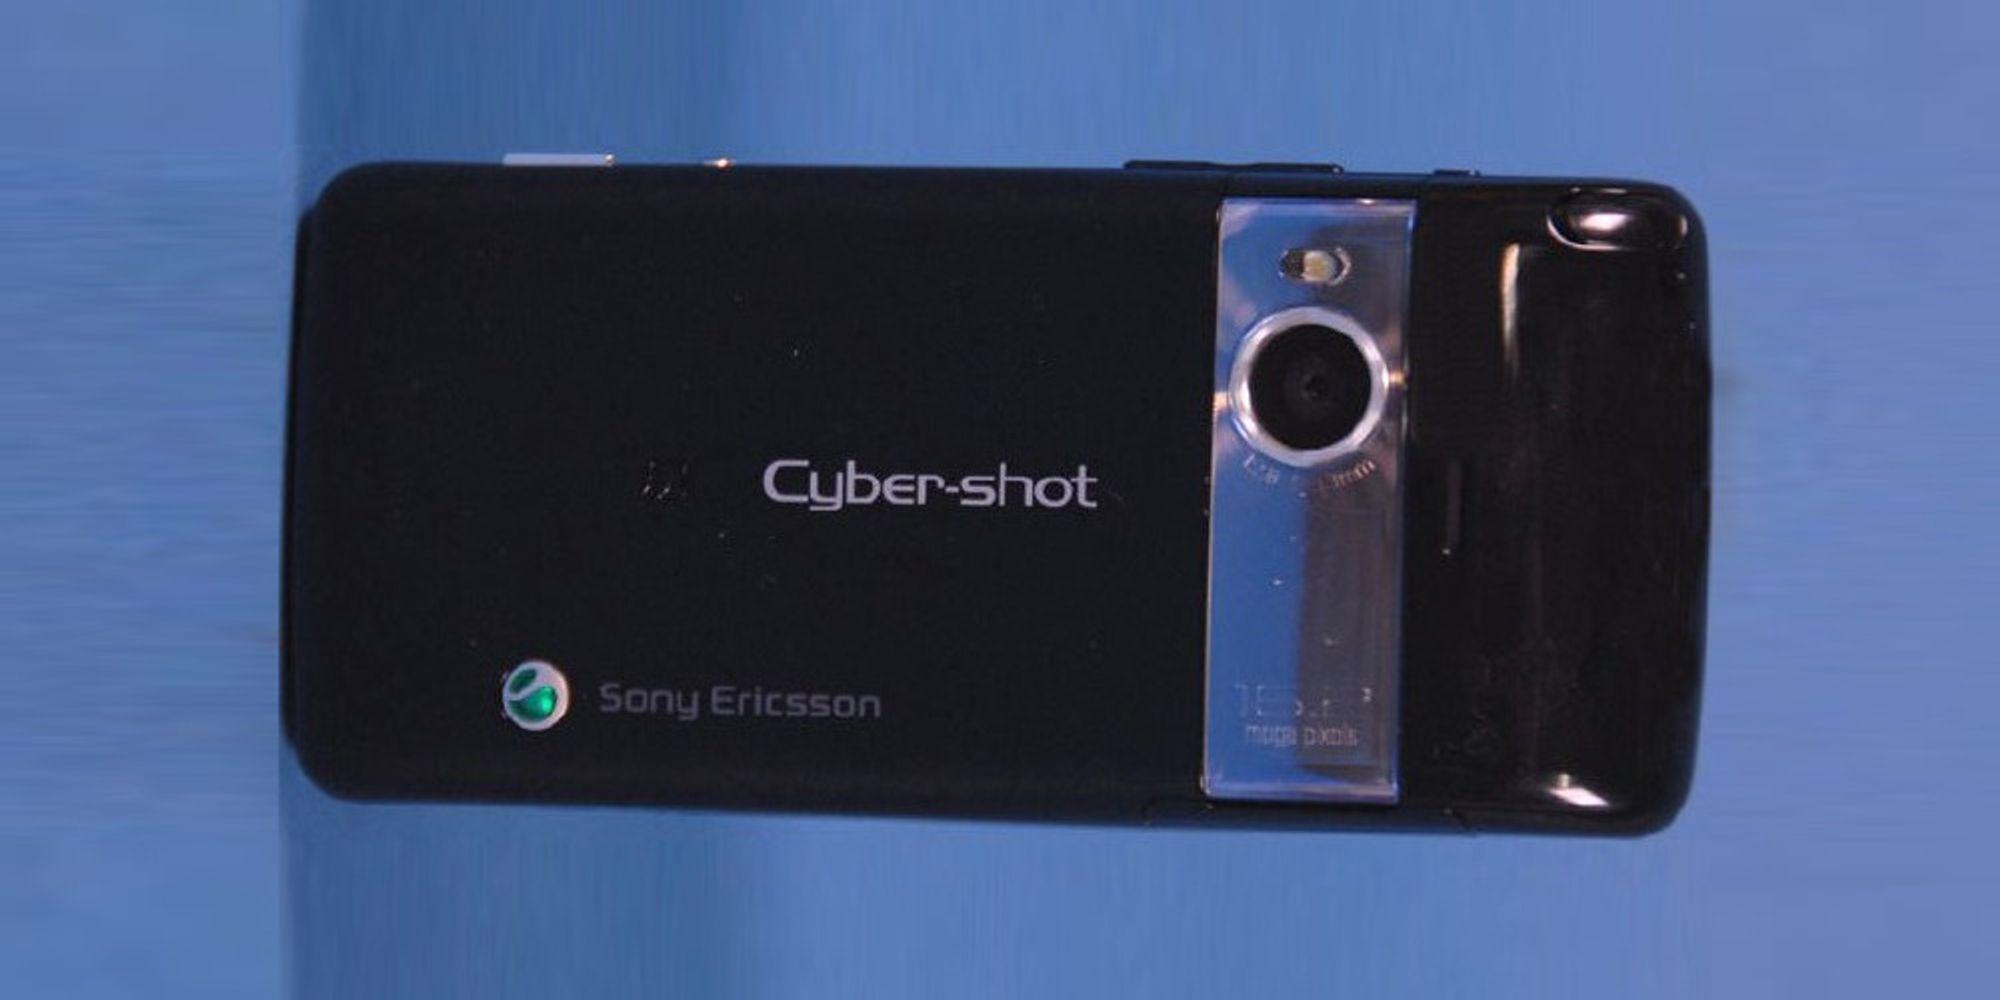 16,2 megapiksler fra Sony Ericsson lekket